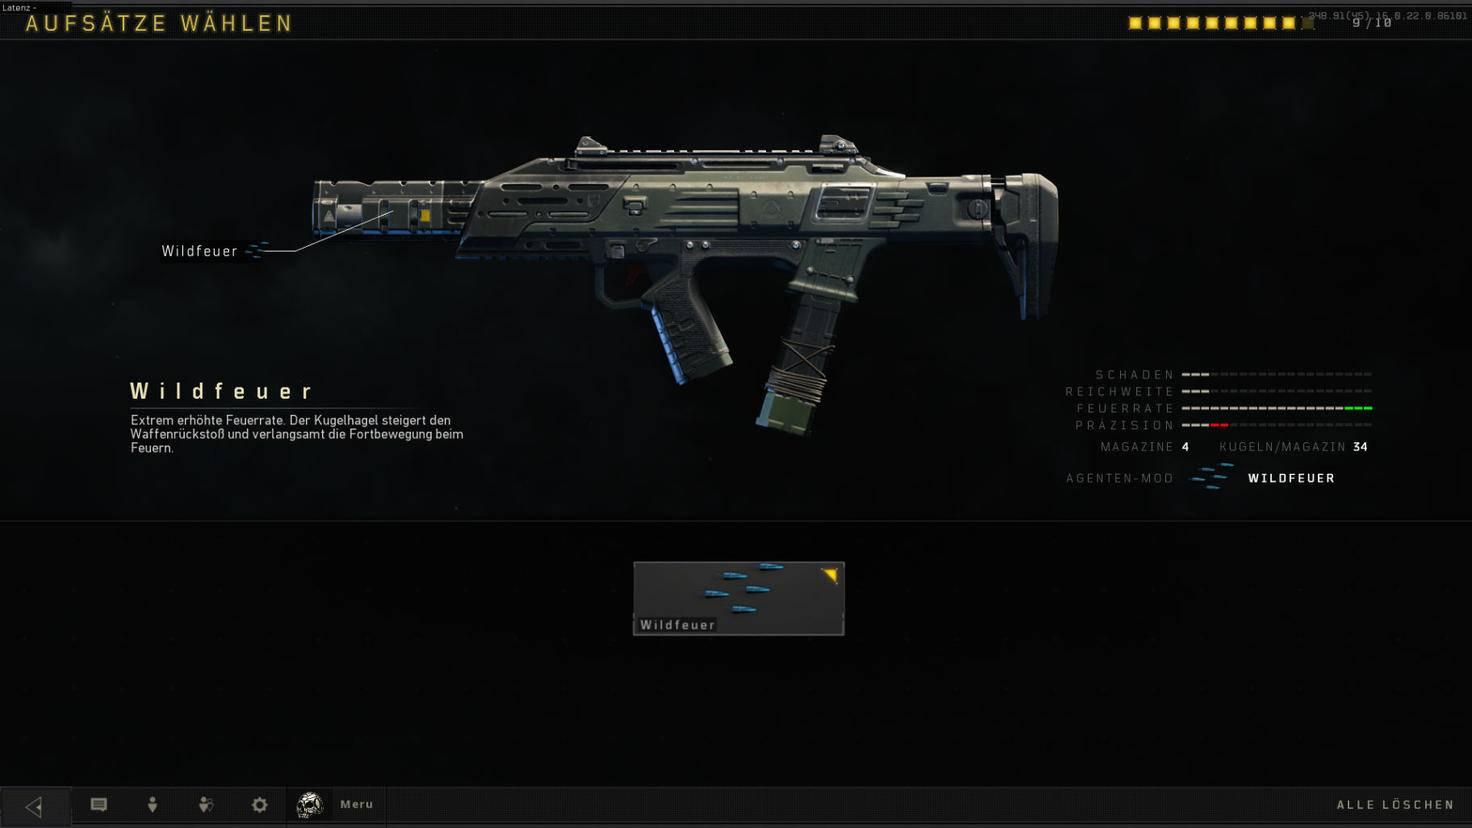 call-of-duty-black-ops-4-spitfire-screenshot